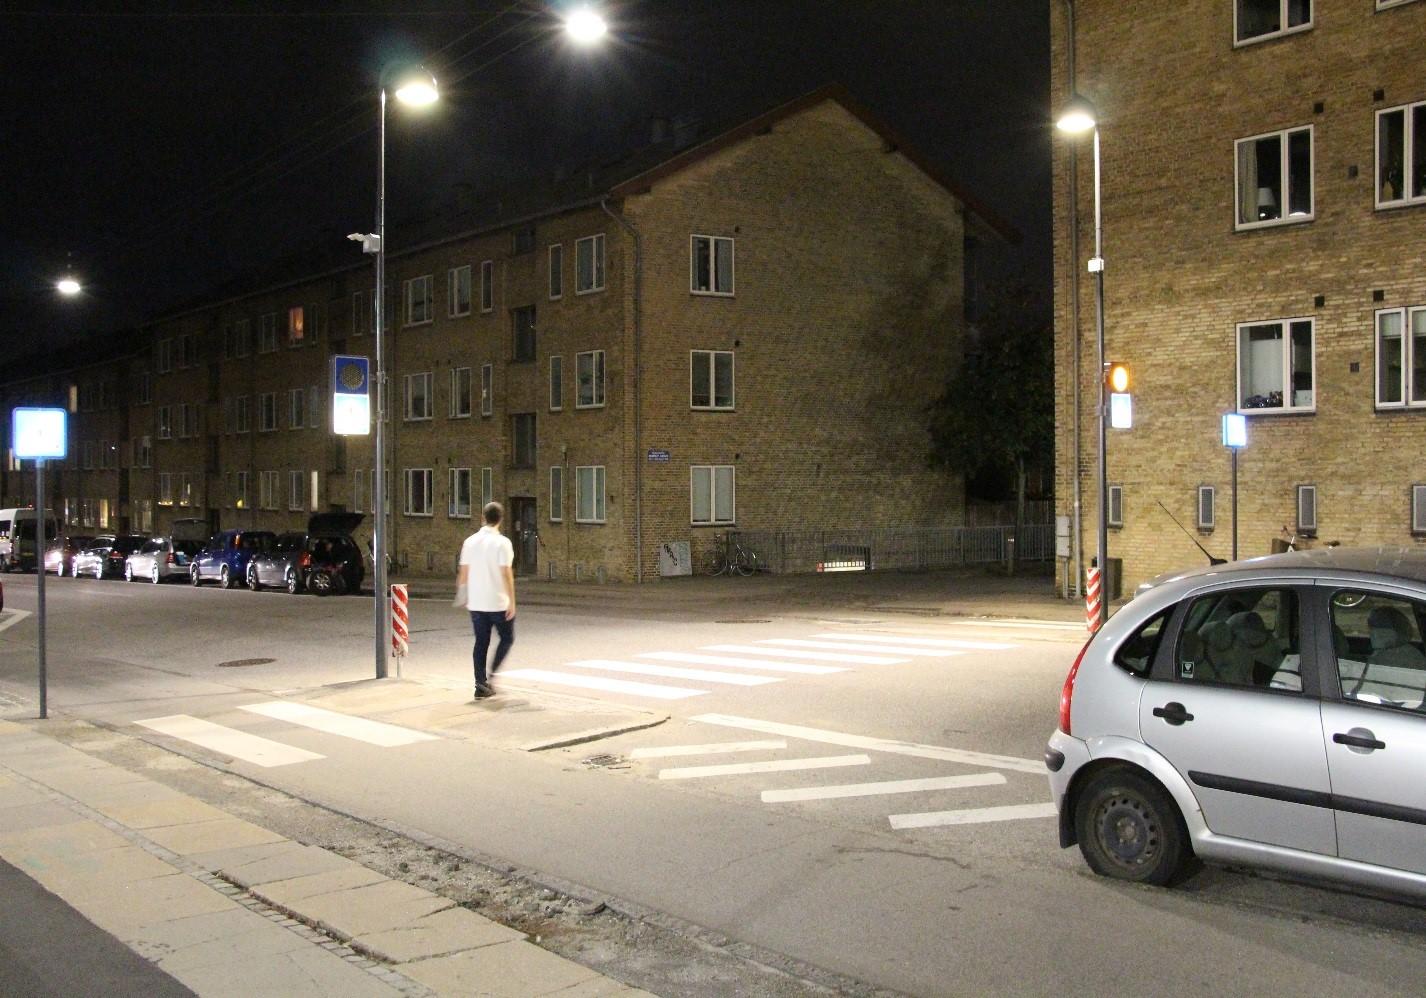 Radar and dynamic lighting for safer crossings